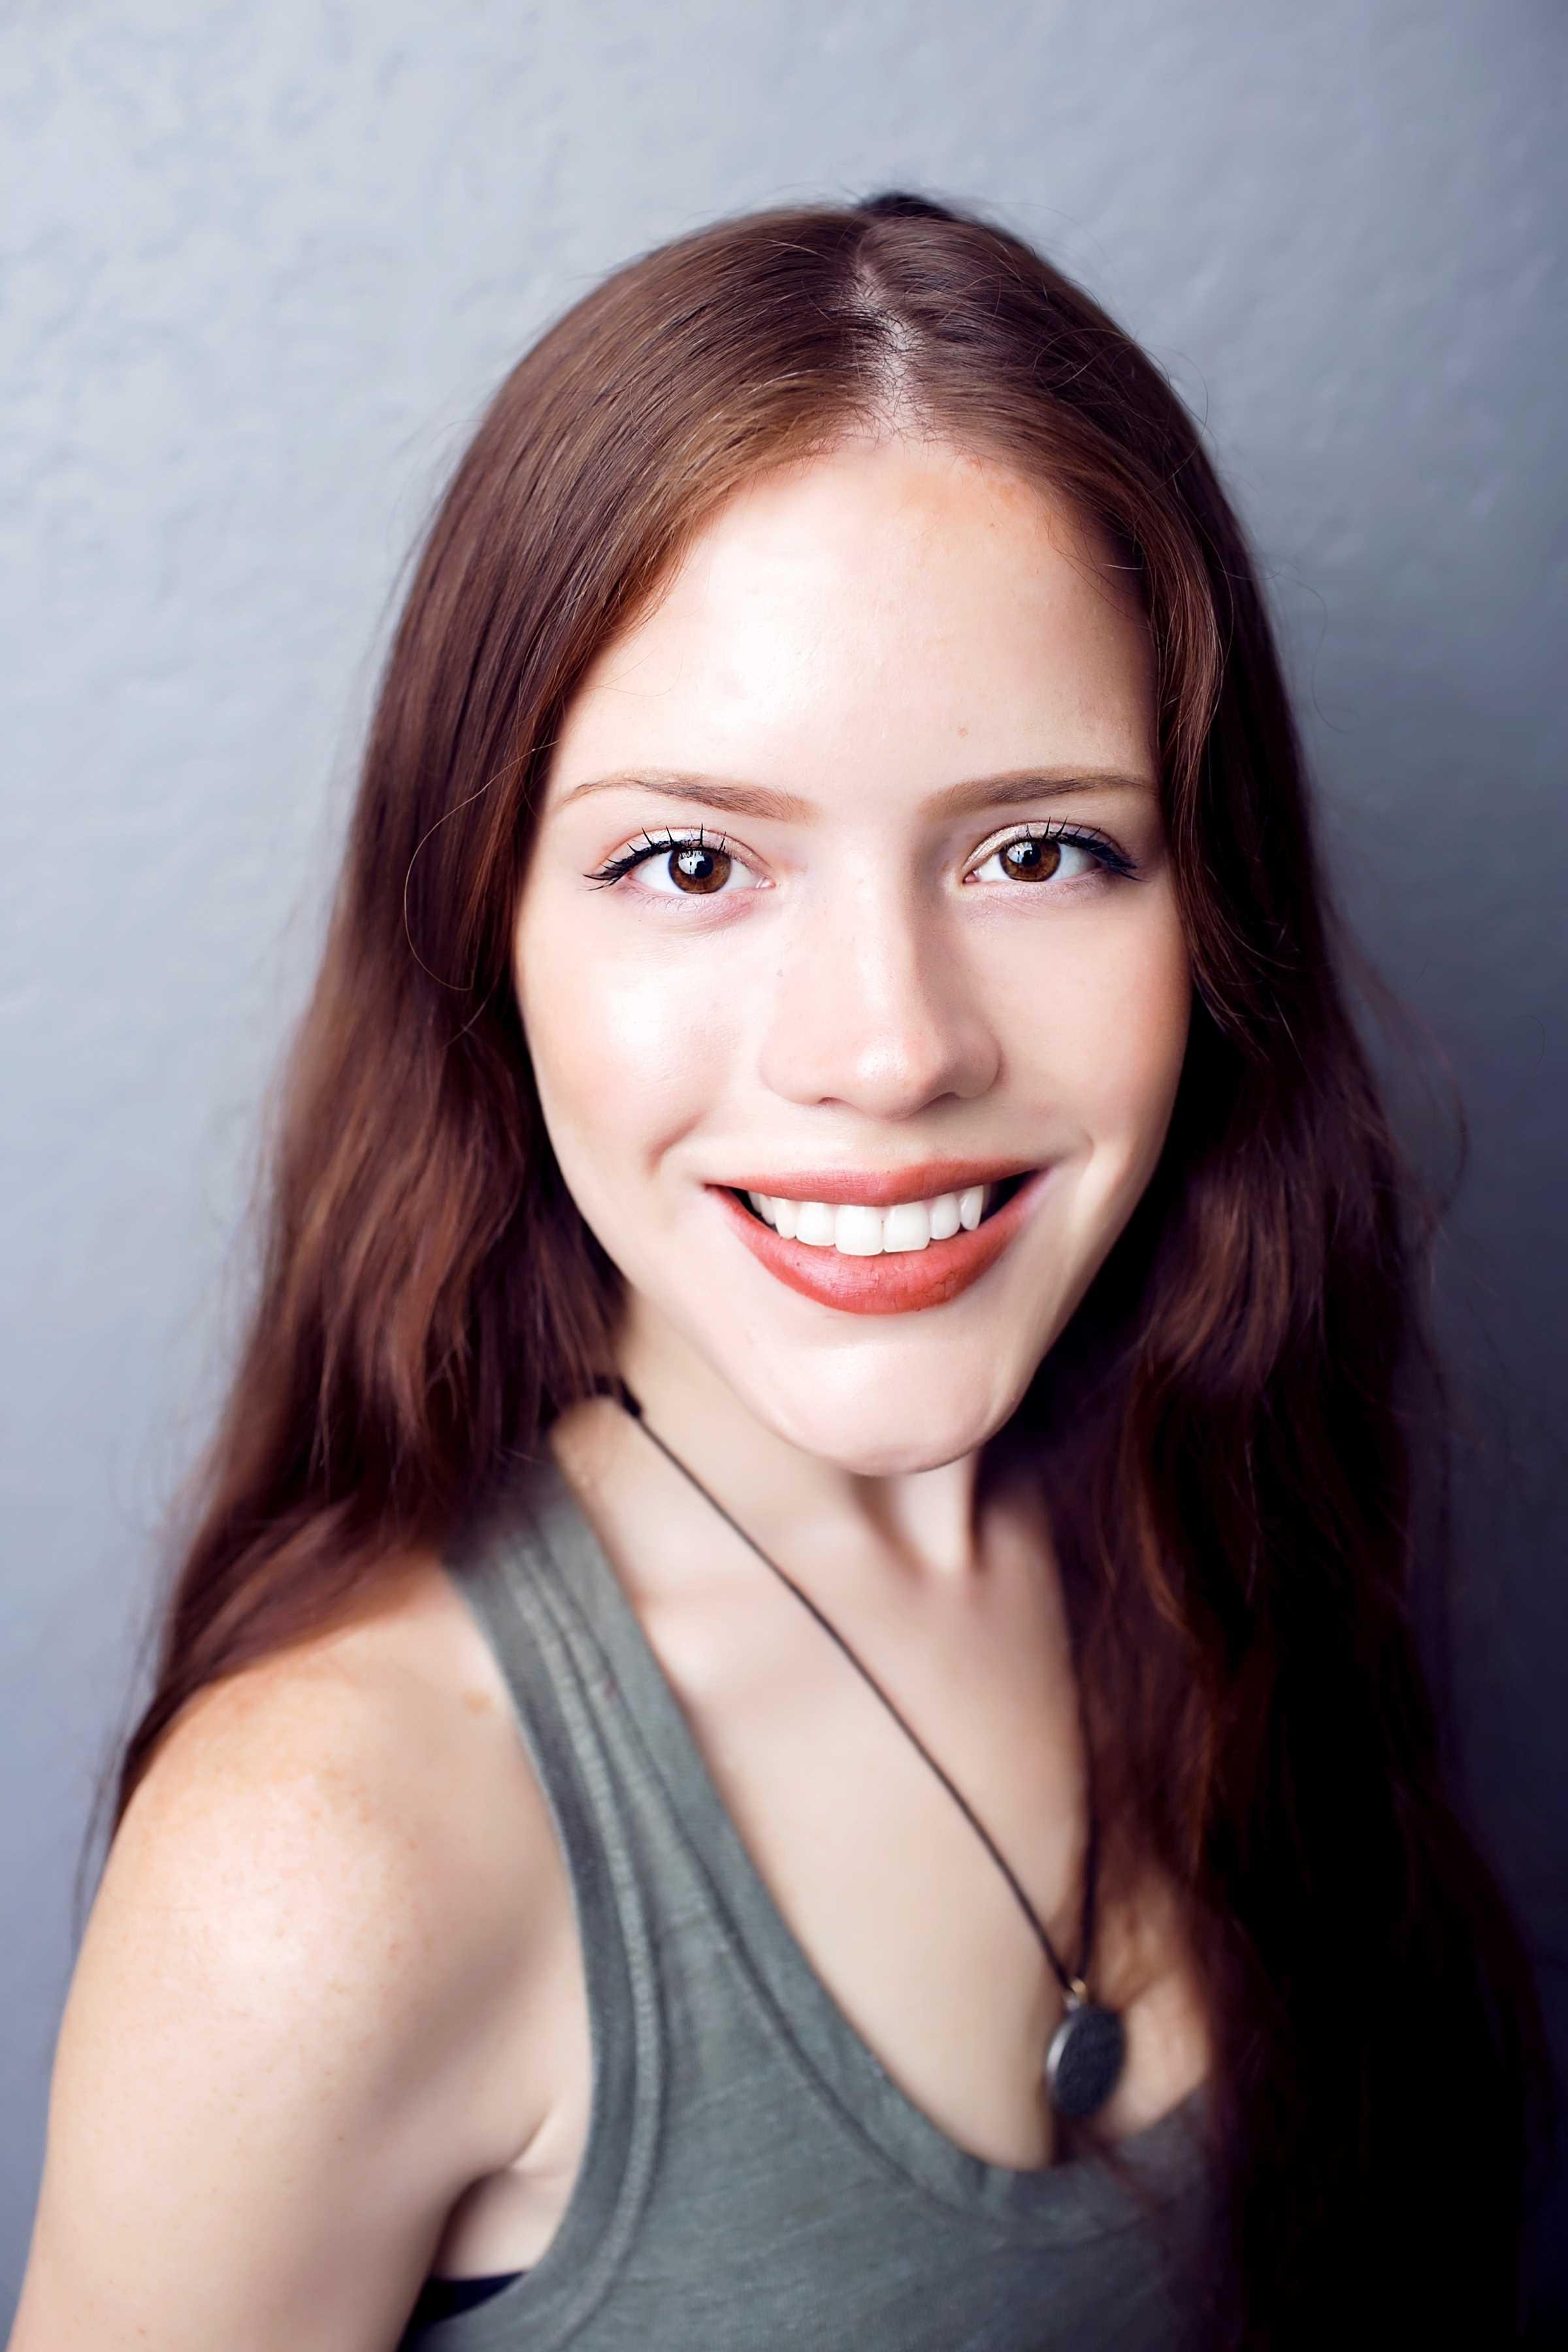 Chloe Maugans - Precision Wellness - Facial Springfield MO